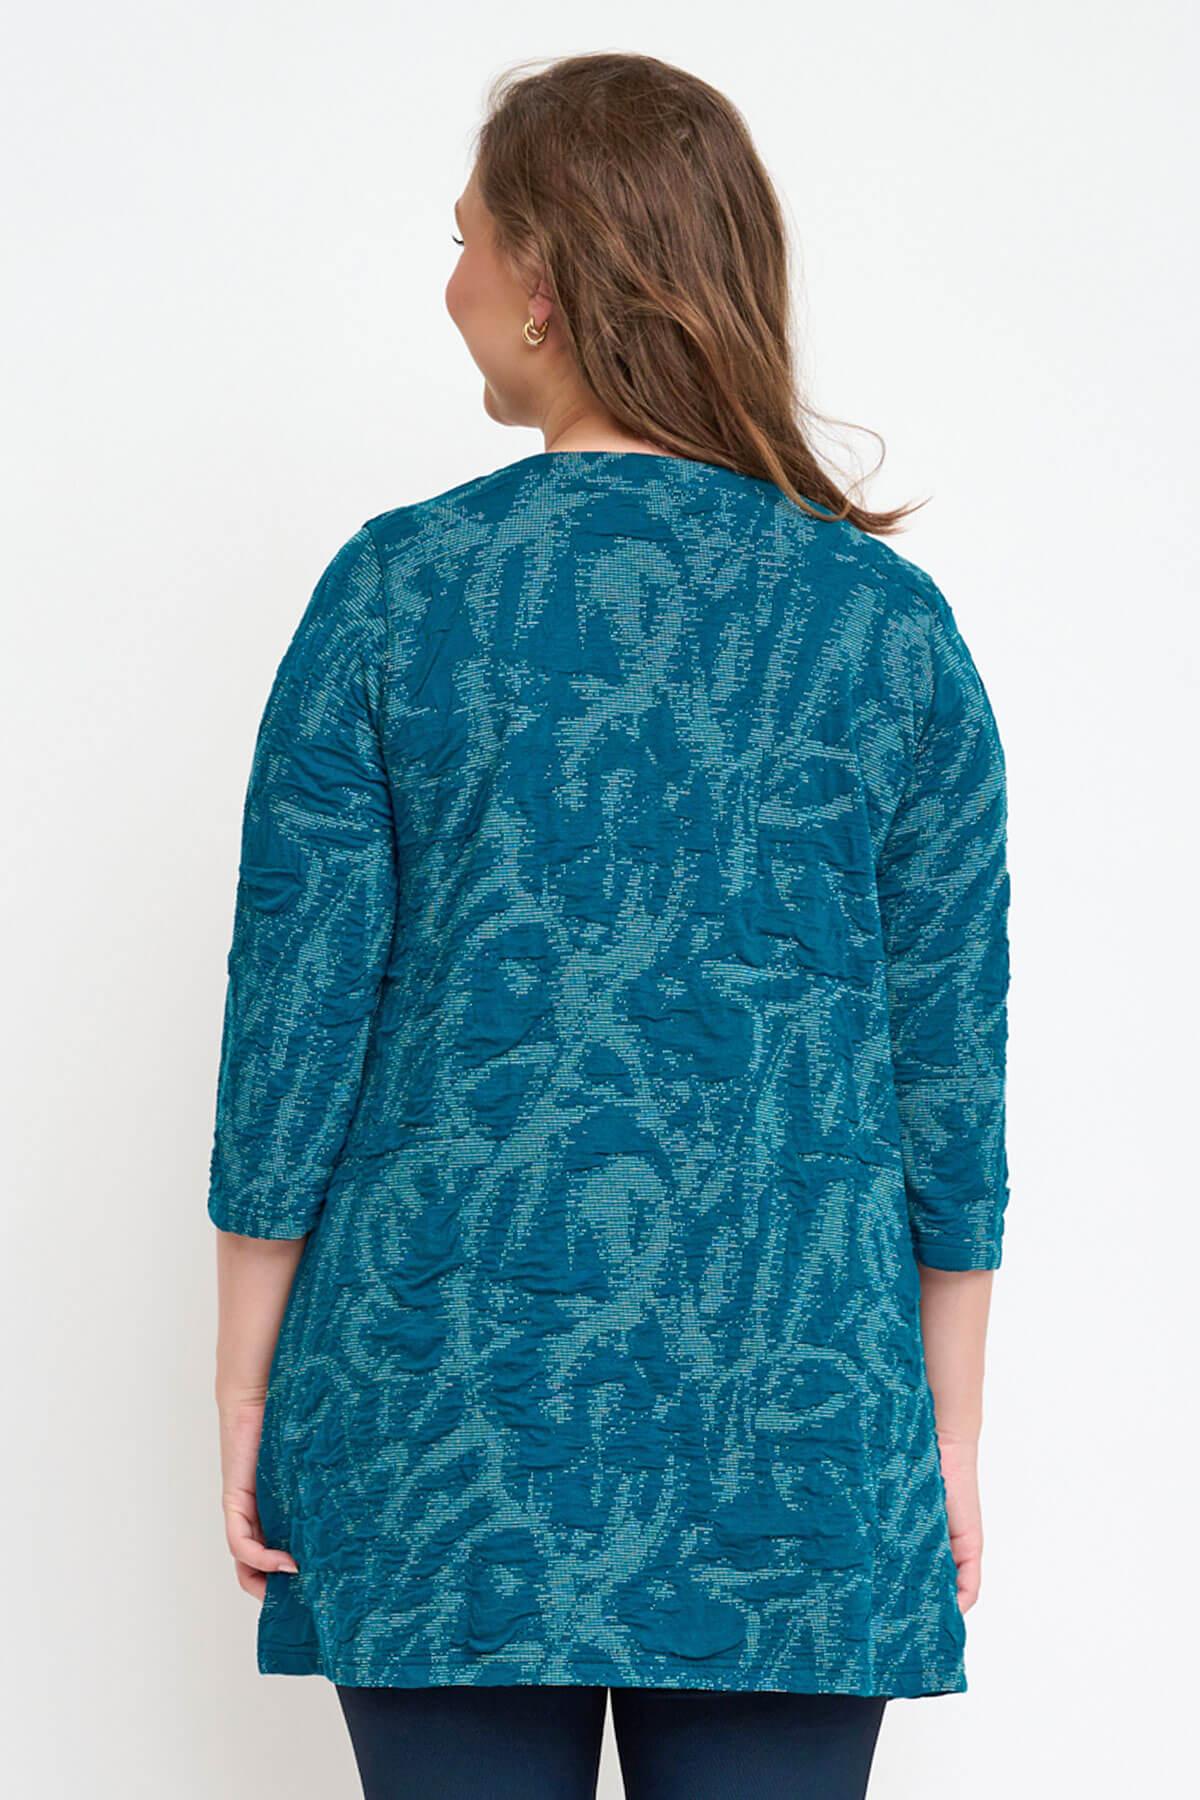 Pont Neuf Melina textured tunic